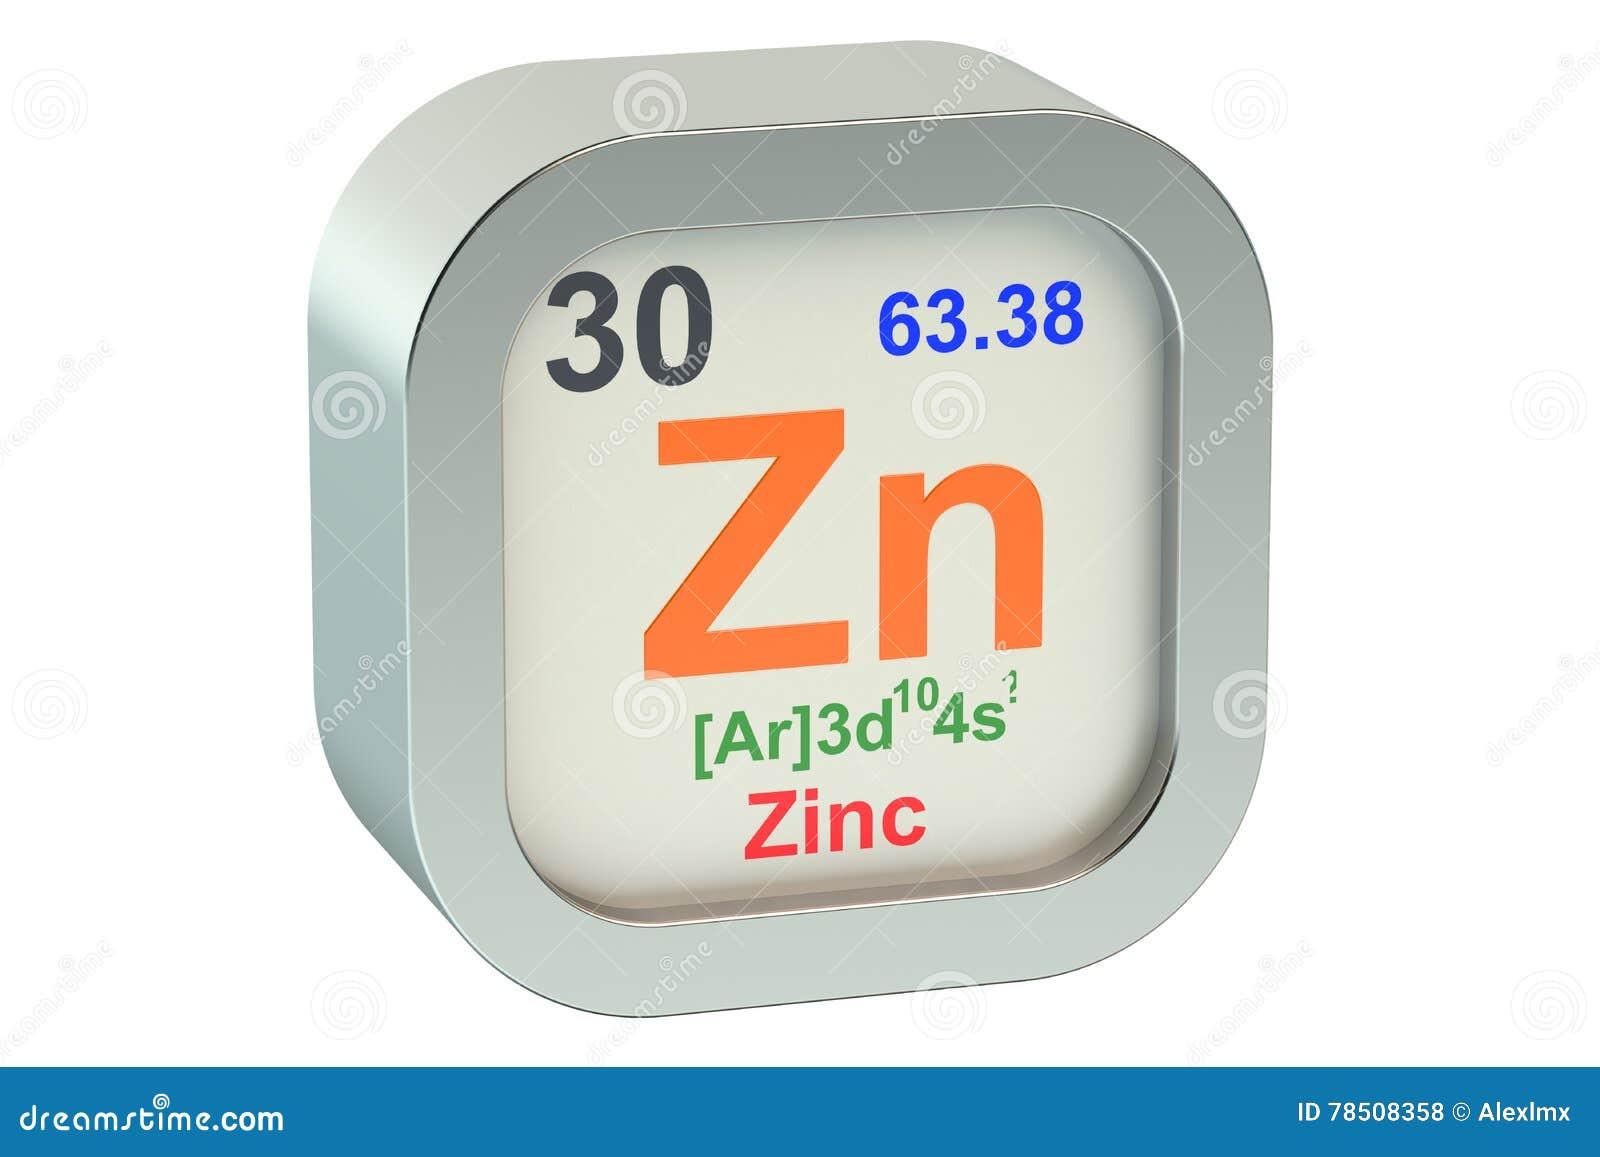 Zinc Stock Illustration Illustration Of Education Energy 78508358